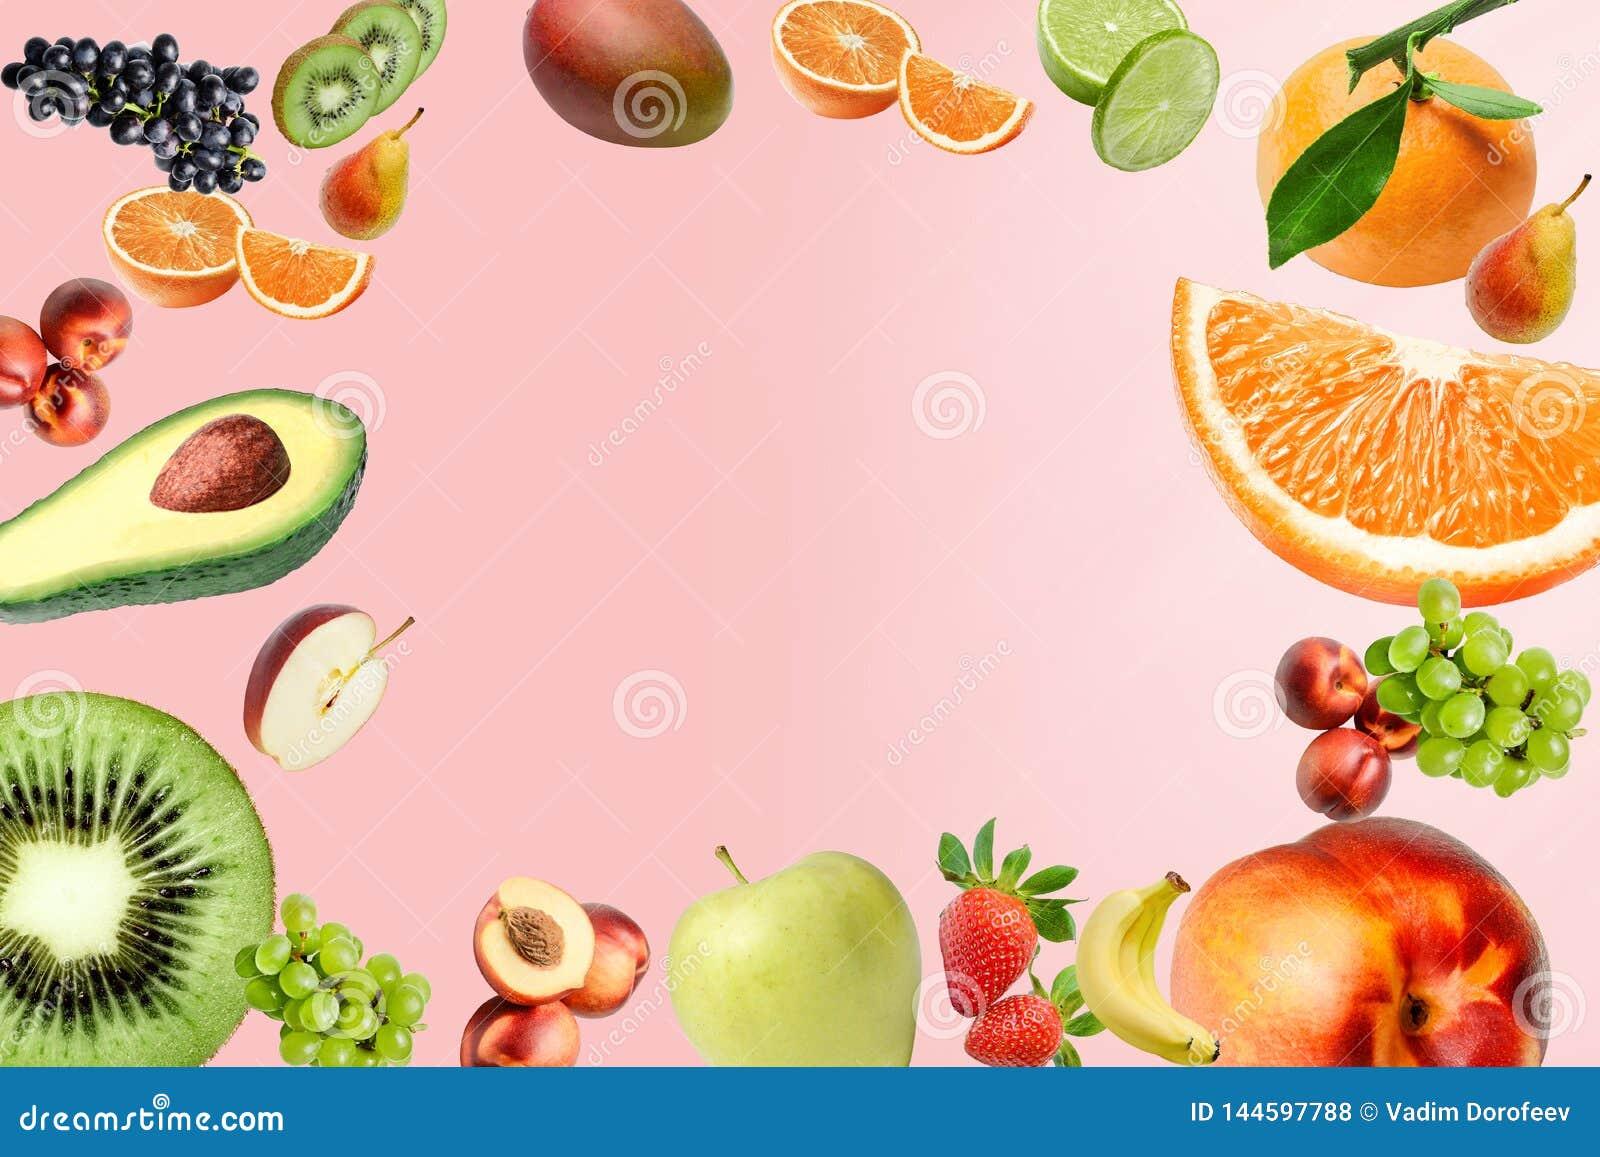 Состав с большим разнообразием различных плодов повсеместно в поле рамки Место для текста в середине